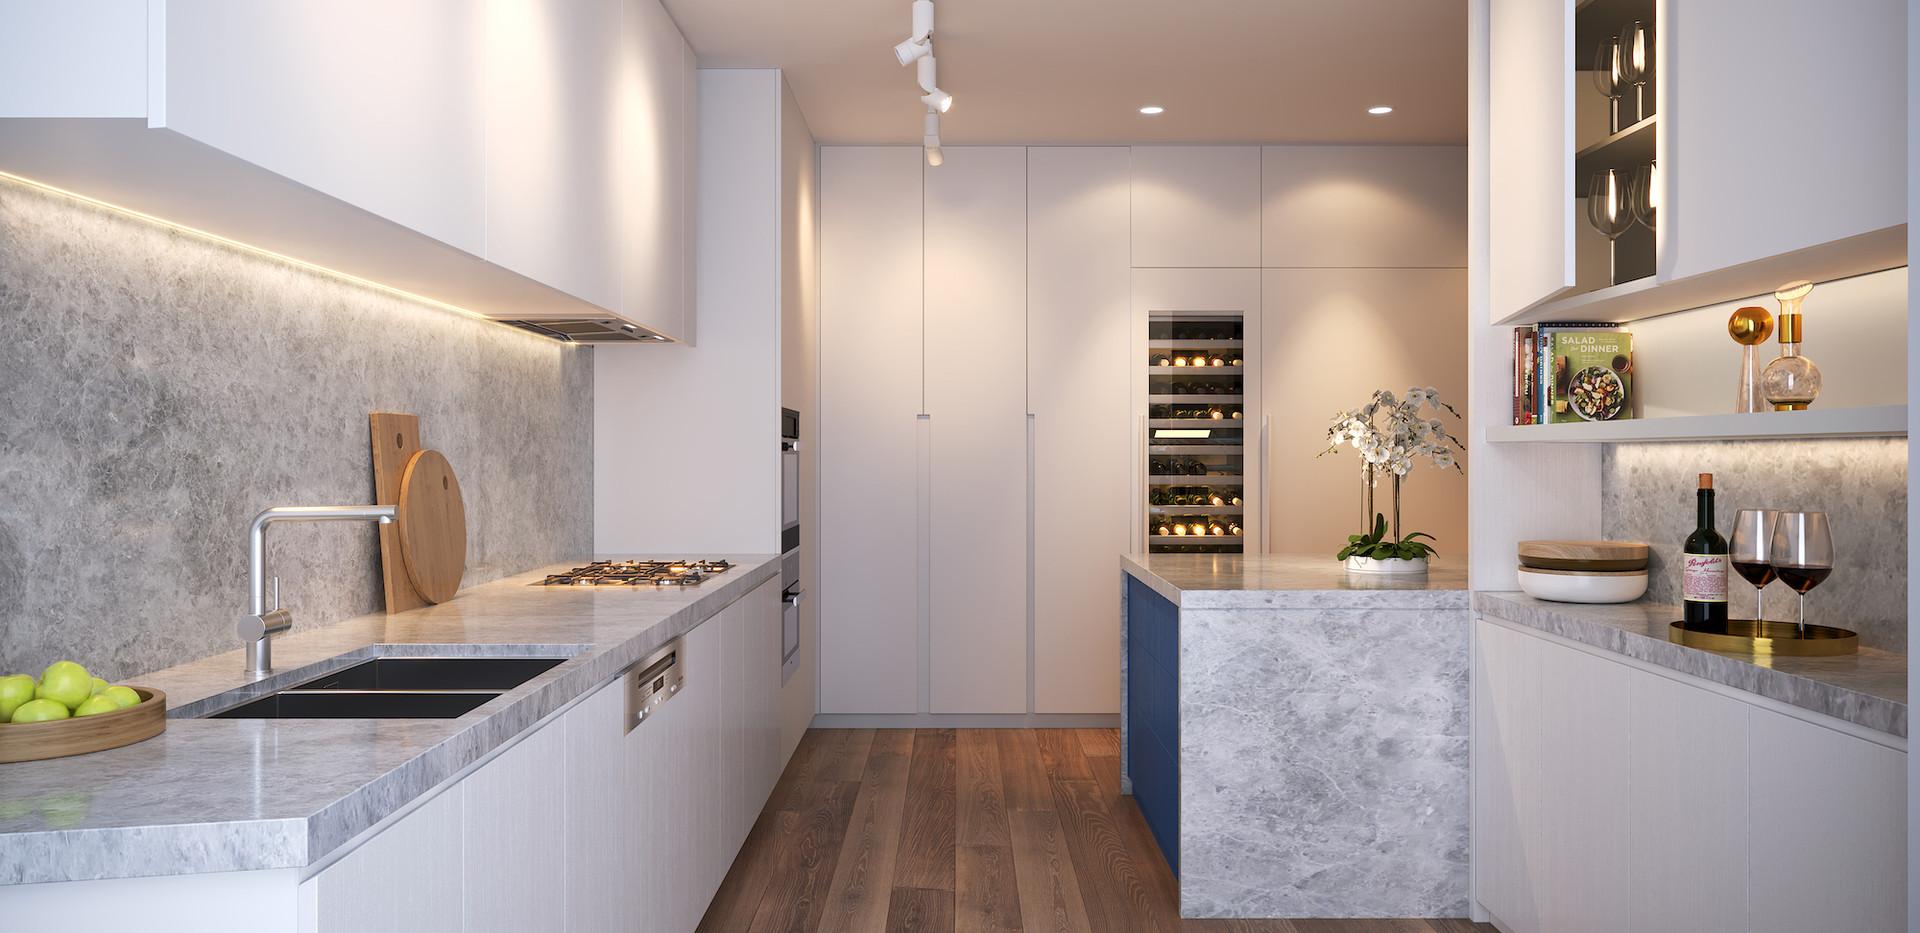 Luda Studios_Kitchen Warm Scheme_Sml.jpg